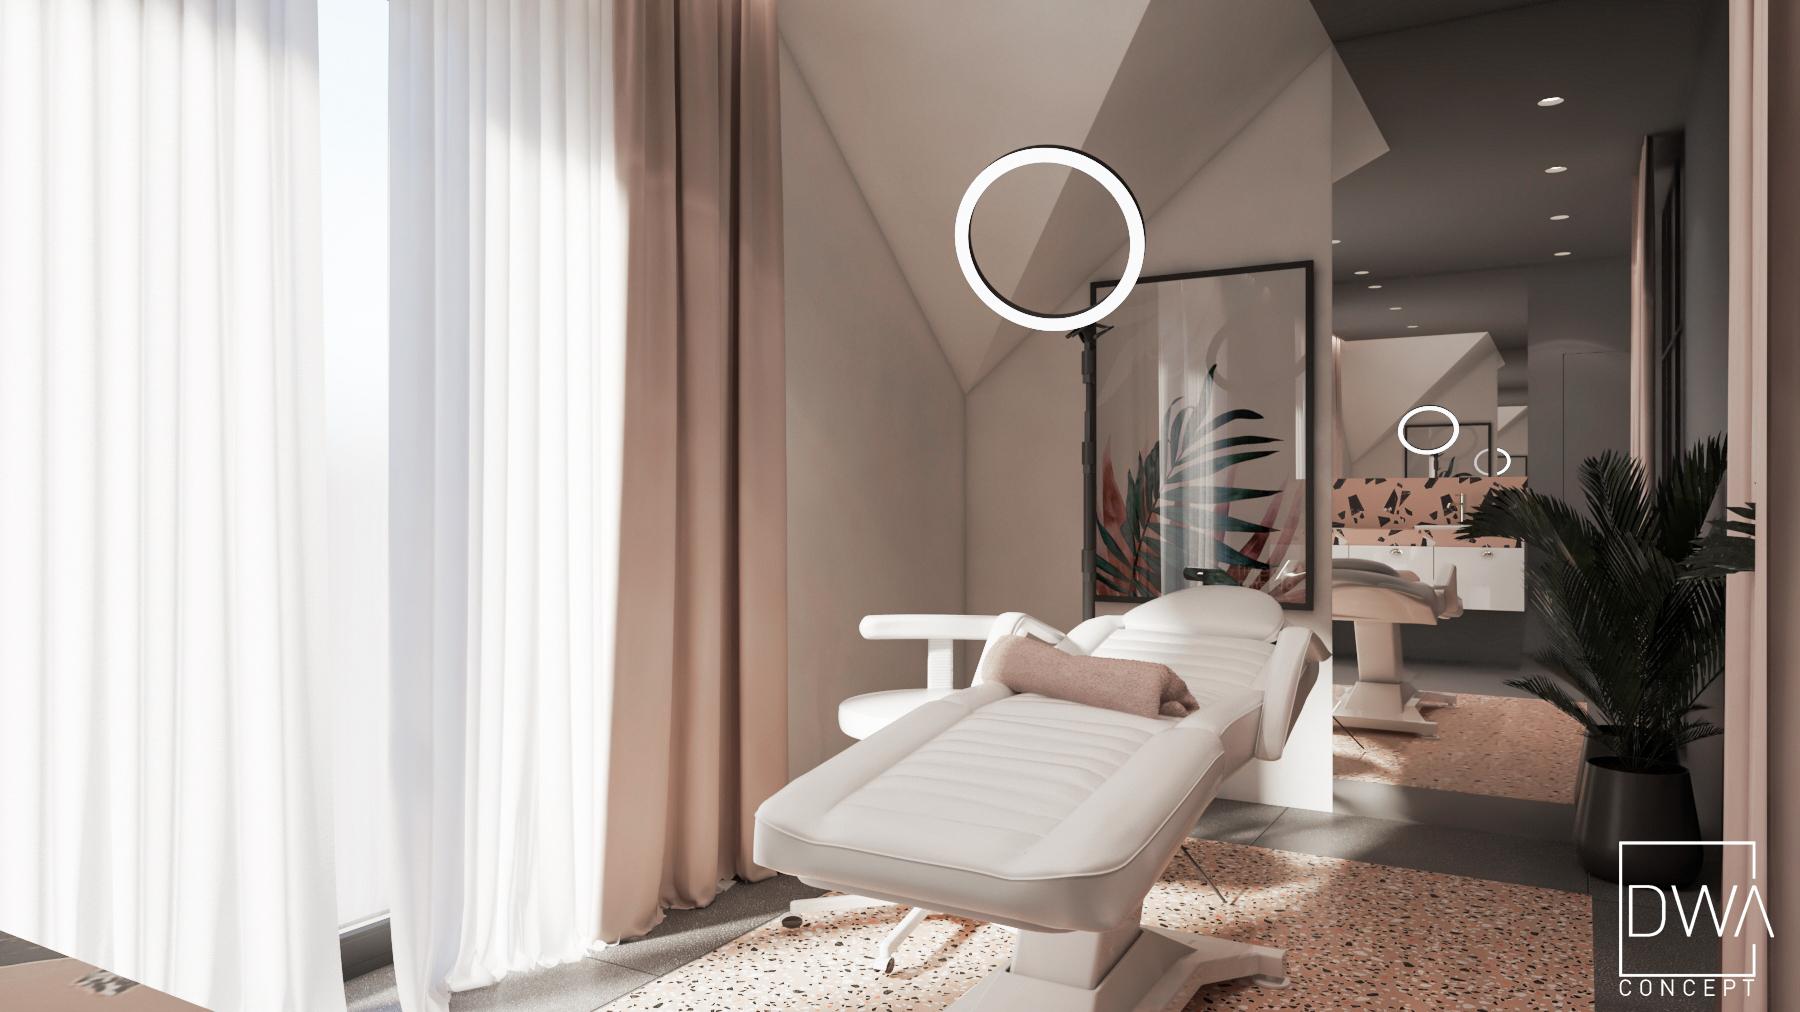 salon kosmetyczny rabka-zdrój projekt wnetrz salonu kosmetycznego salon kosmetyczny pudrowy róż, makijaż permanentny, salon makijazu archietkt wnętrz projektant zakopane rabka zdrój kraków